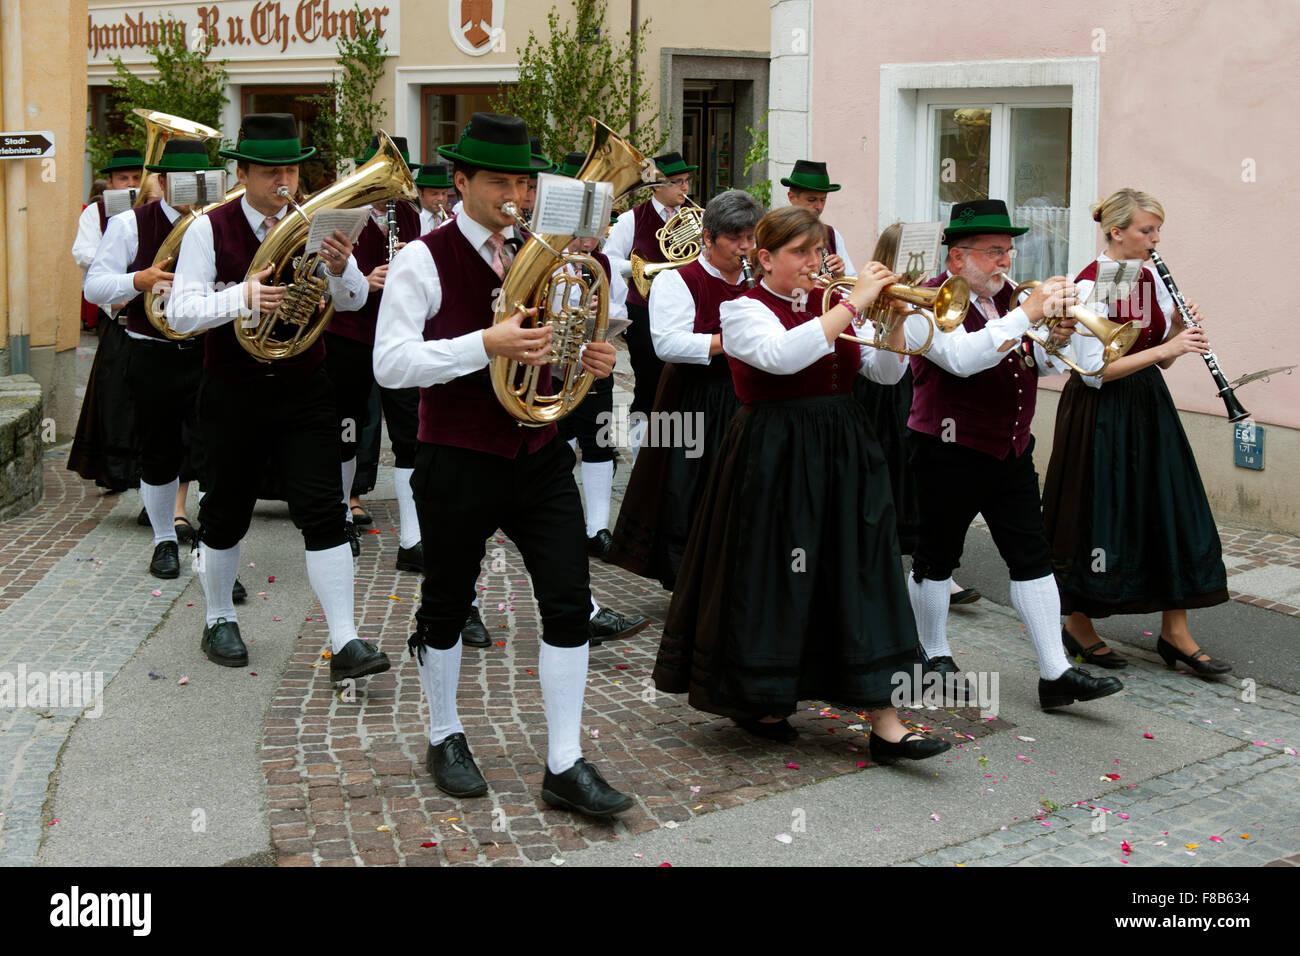 Österreich, Niederösterreich, Scheibbs, Fronleichnamsprozession - Stock Image